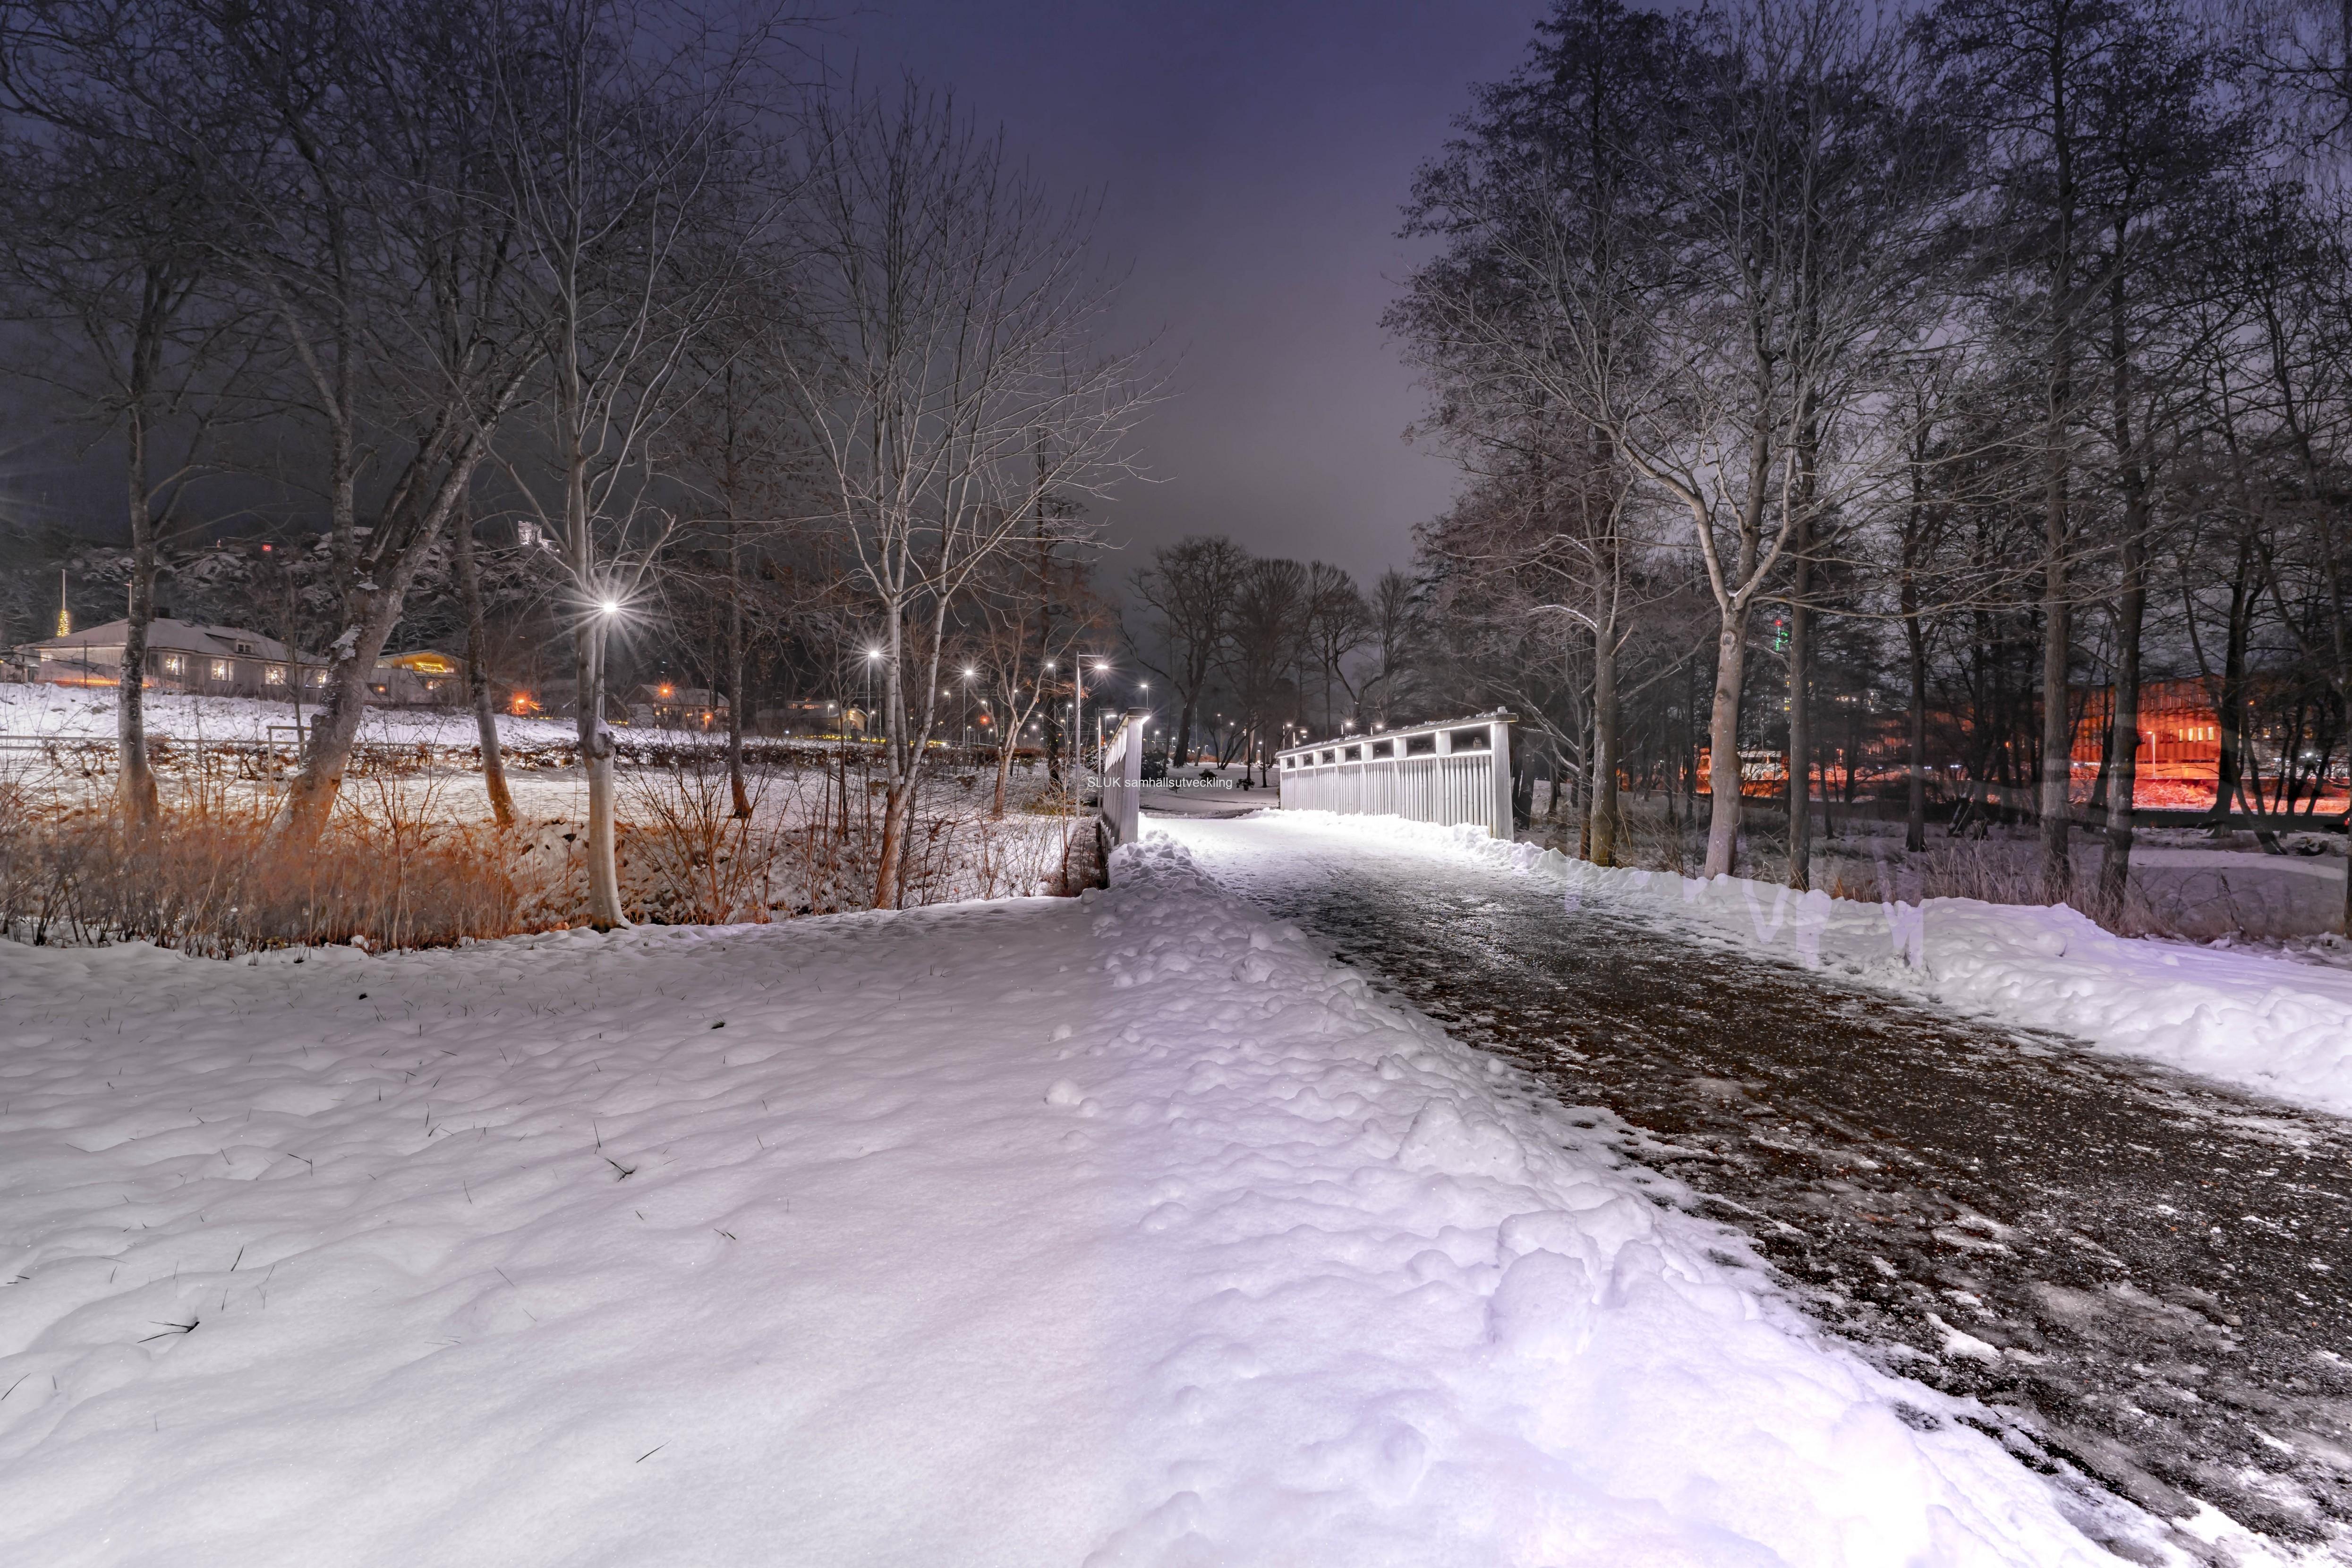 Under veckan fick vi en del snö och jag passade på att fotografera på lördag kväll i Stadsparken. Gångbron över Säveån nära stationen är belyst.